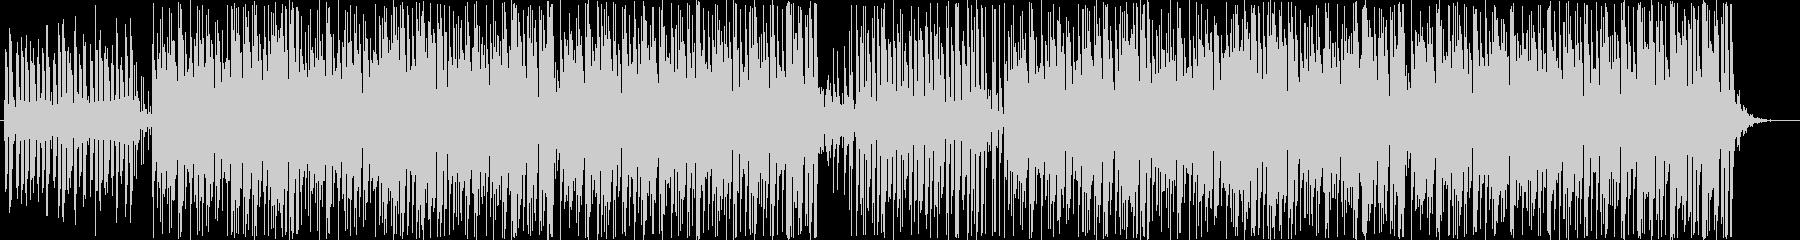 ほのぼのとしたボサノバの未再生の波形